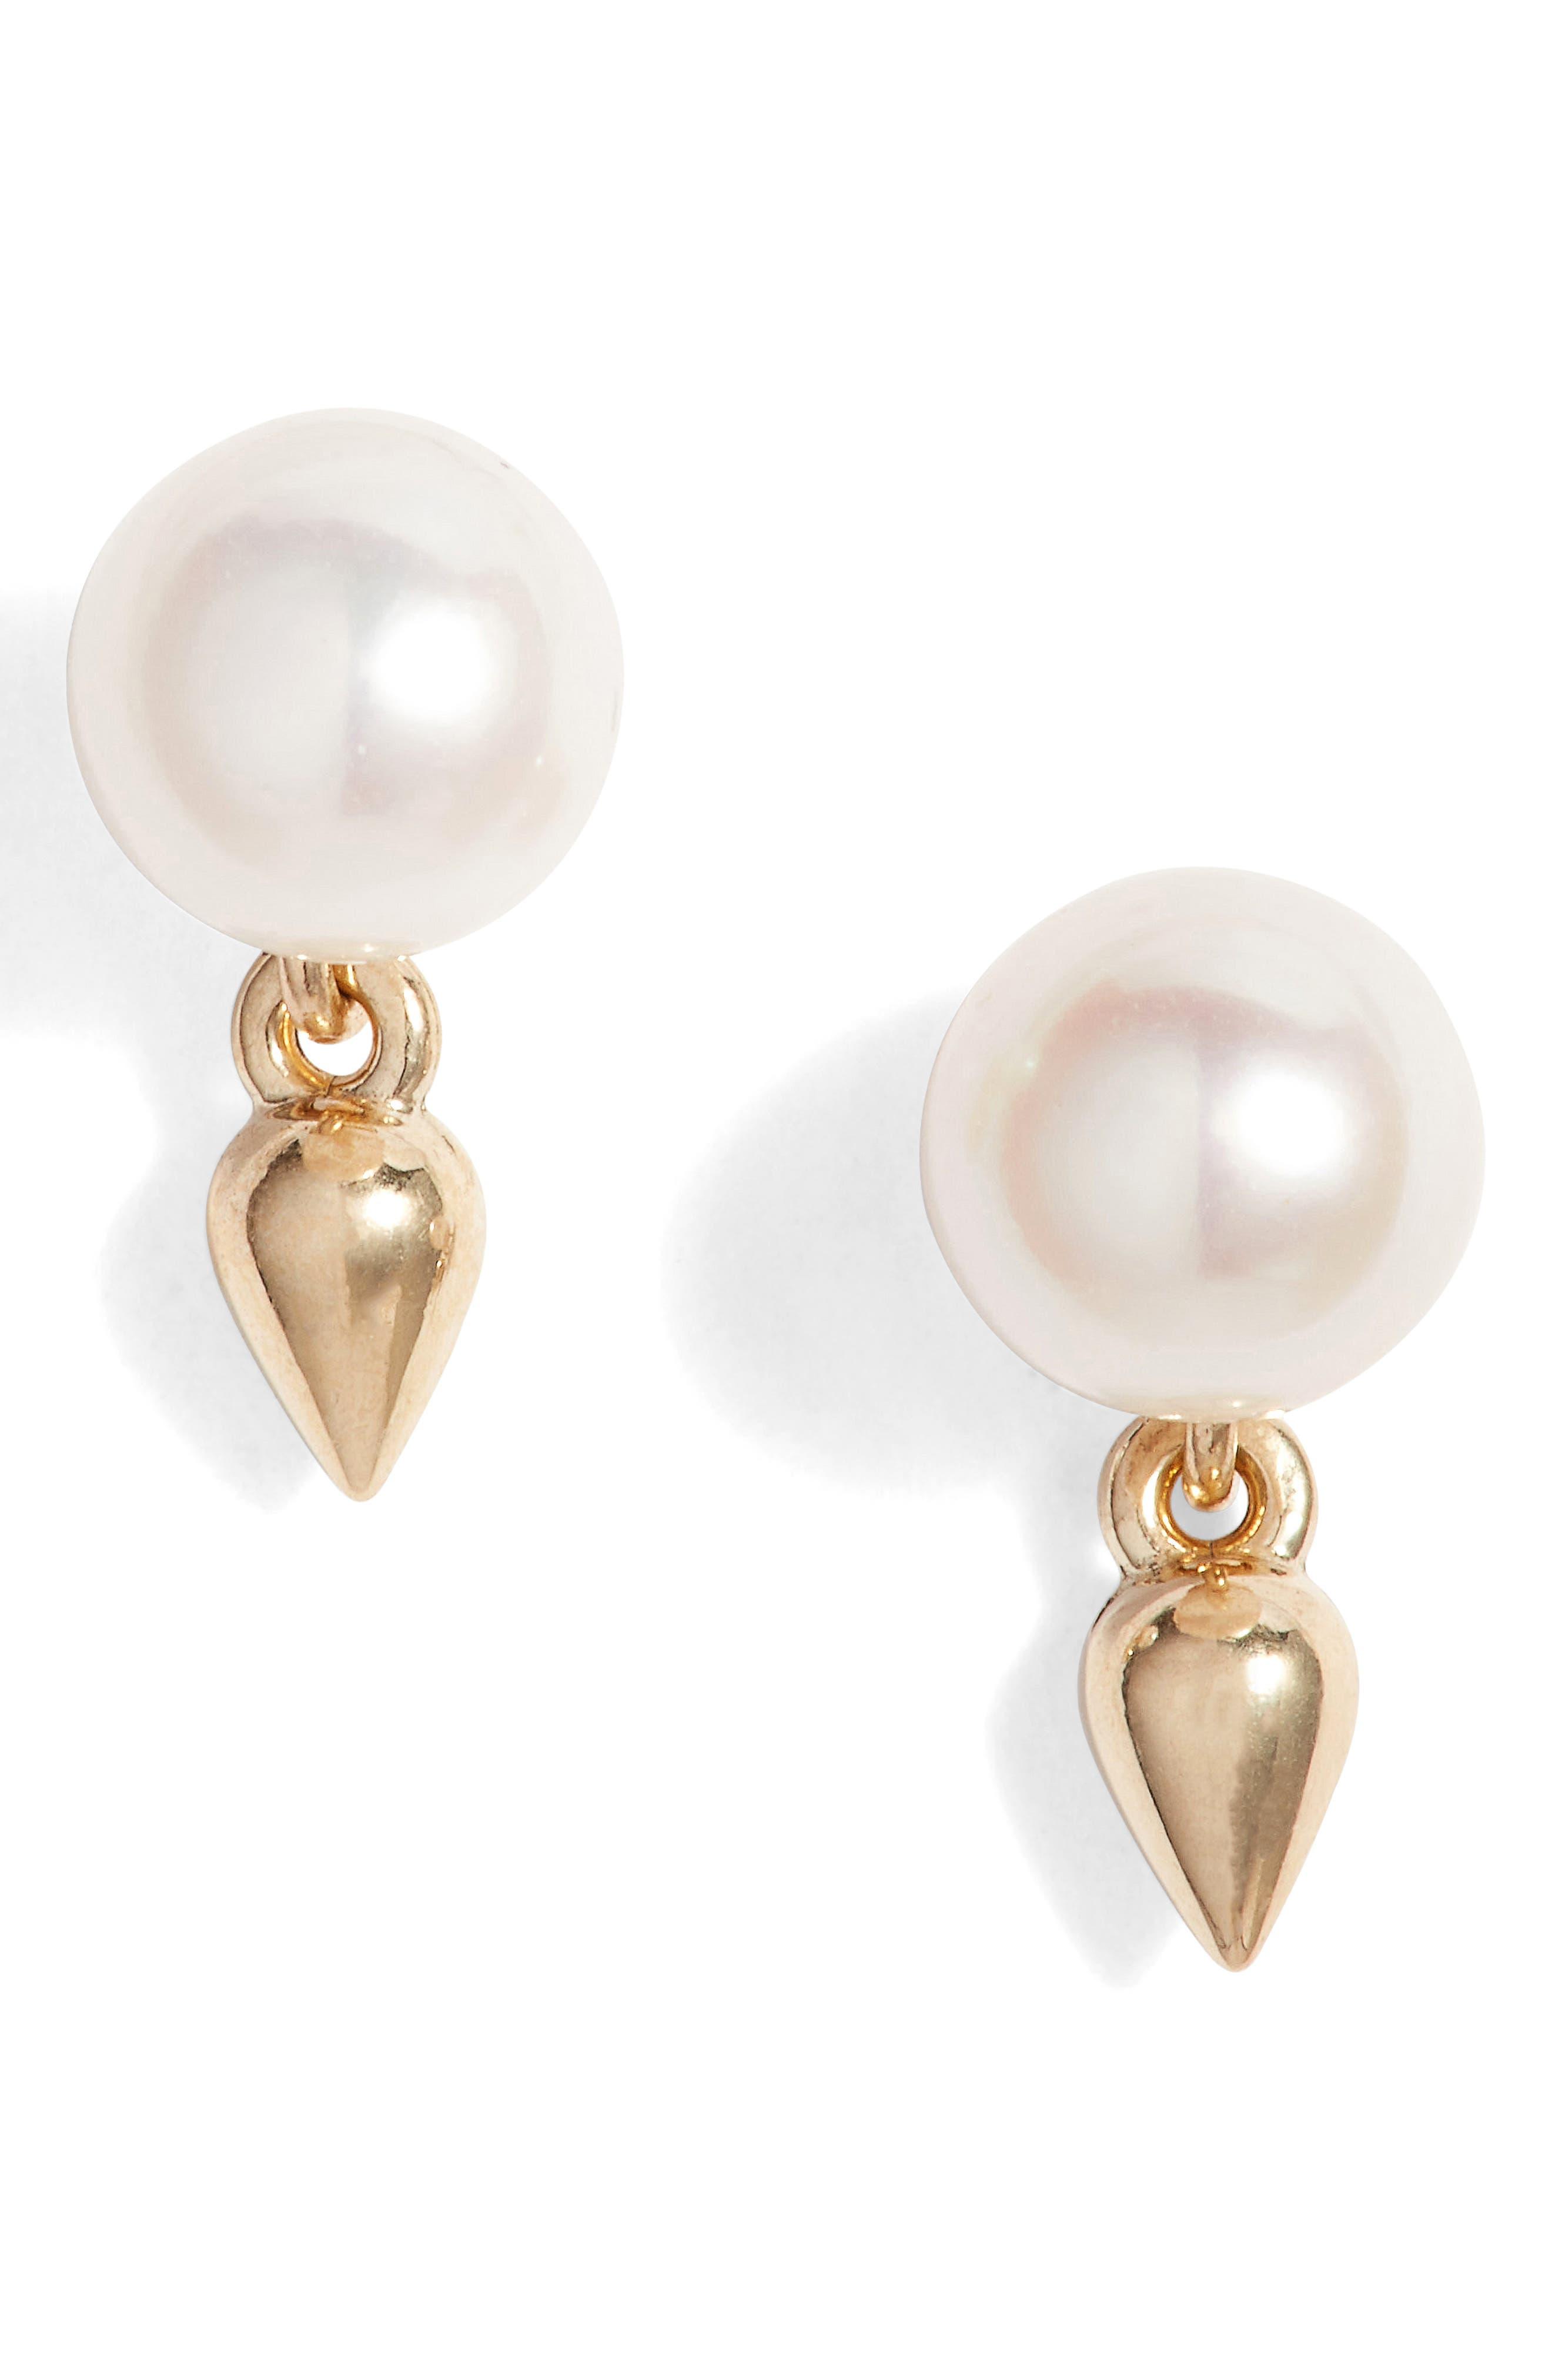 Main Image - Poppy Finch Pearl Stud Earrings